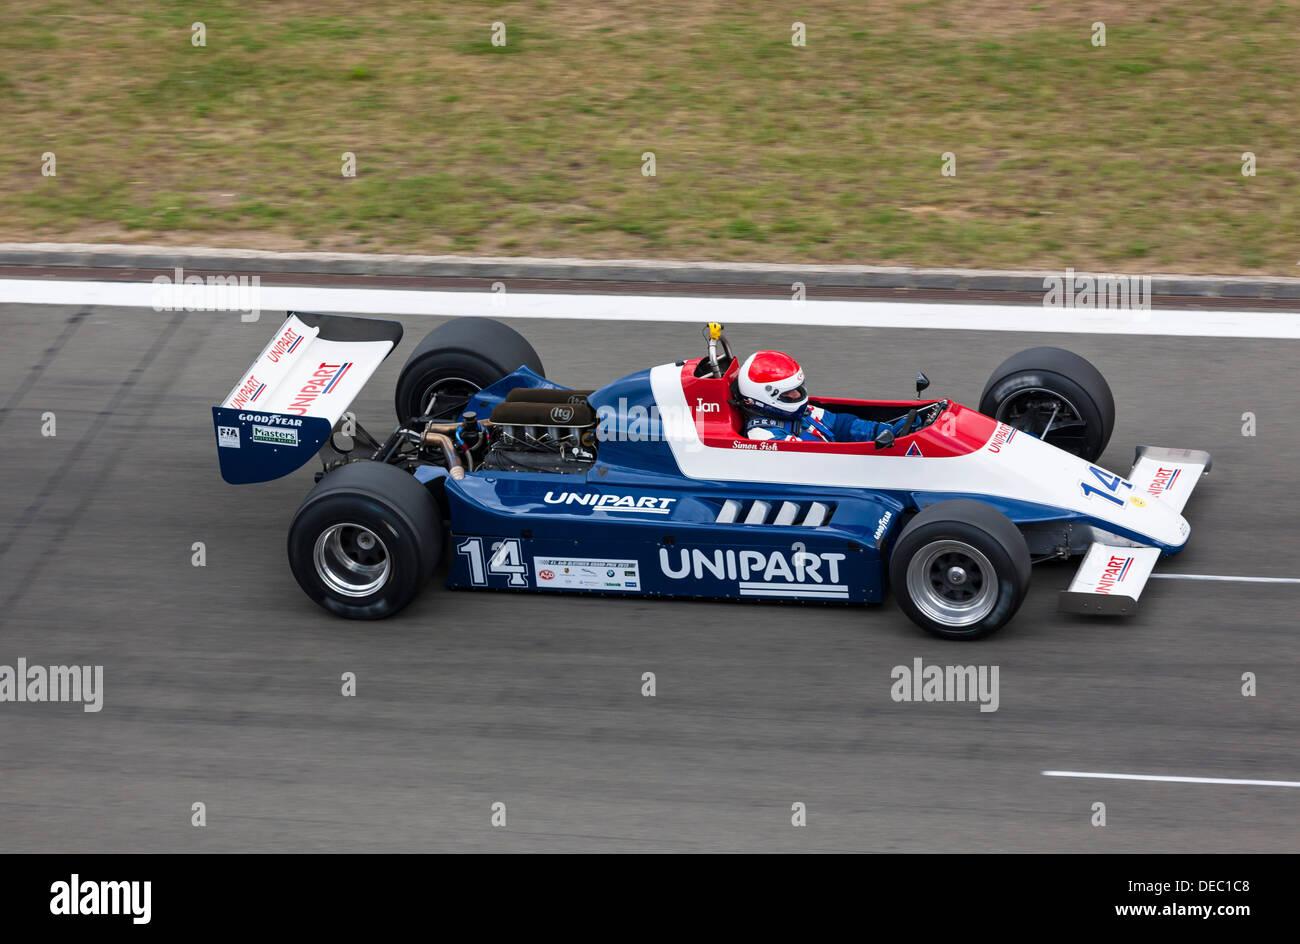 Historical Formula 1 vehicle at the Oldtimer Grand Prix 2013 on the Nuerburgring, Nürburg, Rhineland-Palatinate, Germany - Stock Image